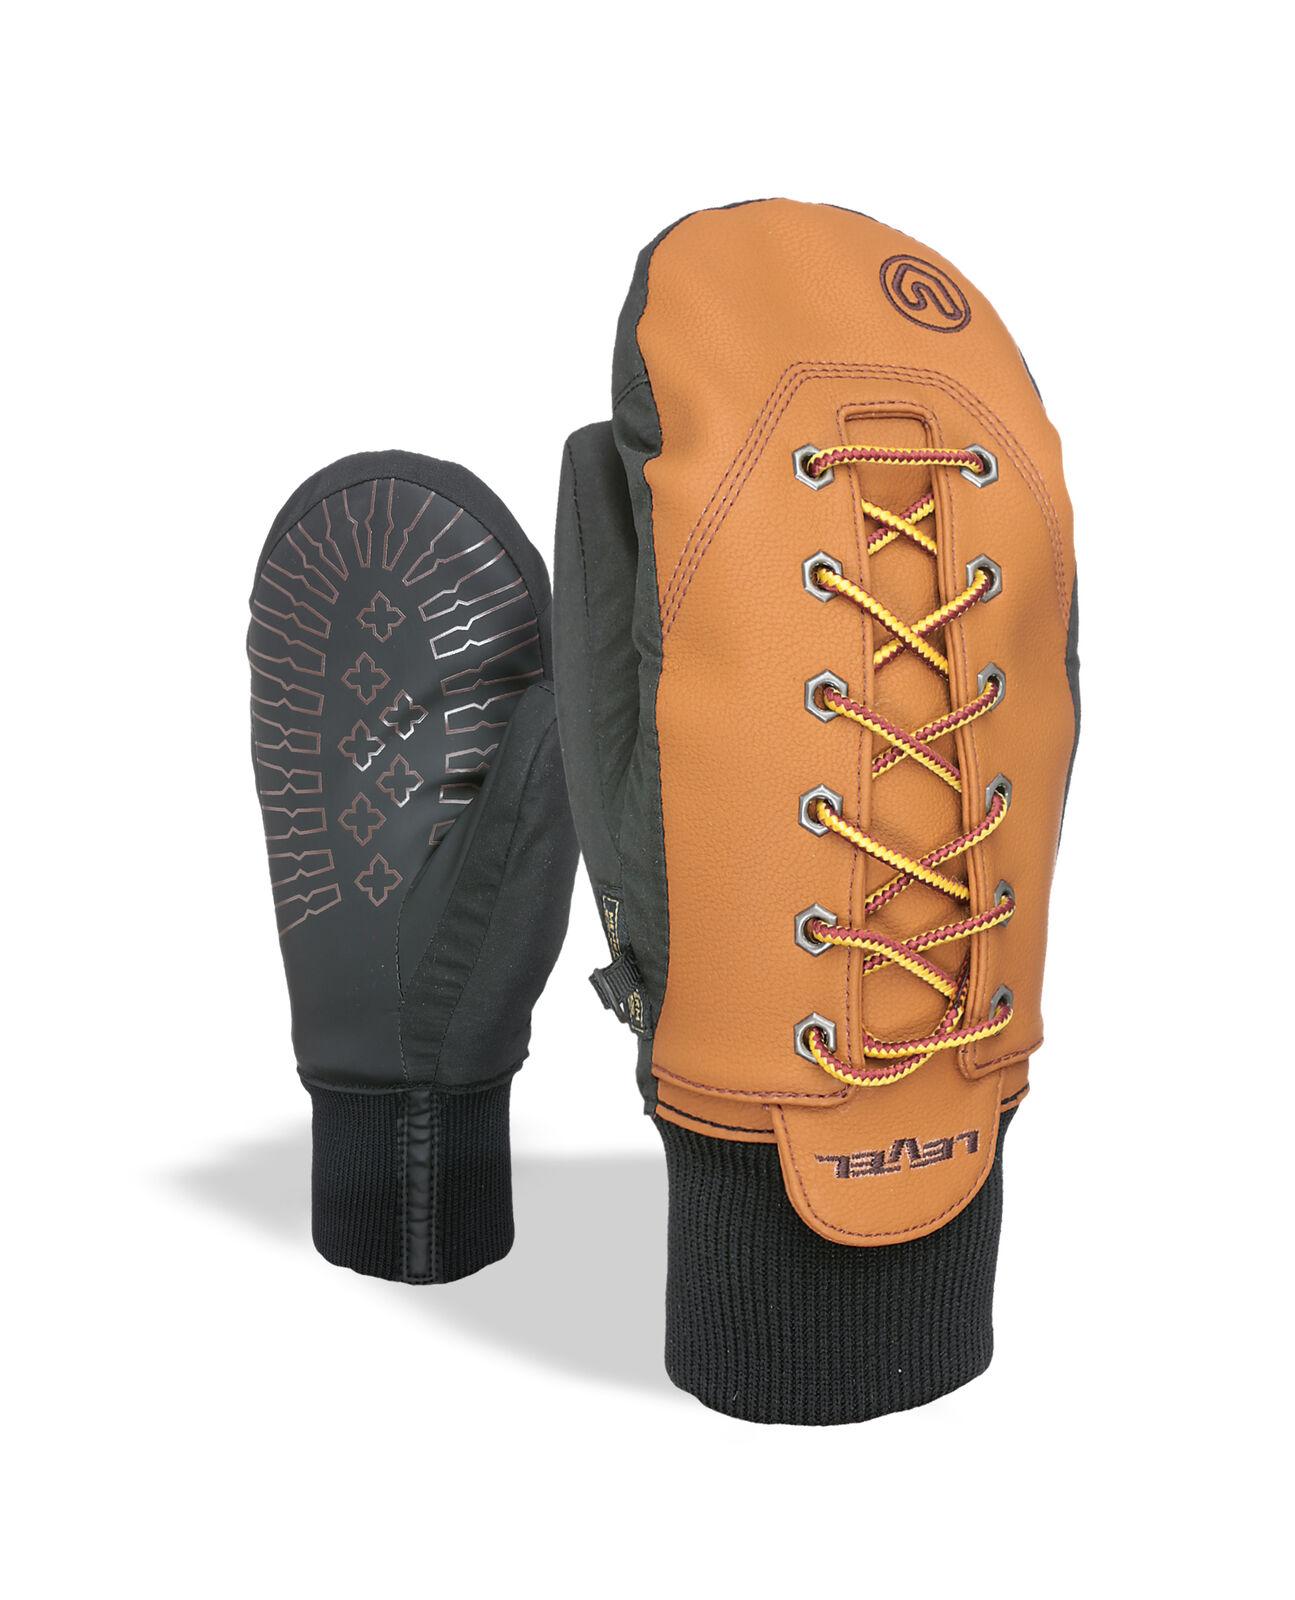 Level Guanto scarpe da ginnastica Jr Beige Impermeabile Traspirante Riscaldonnato